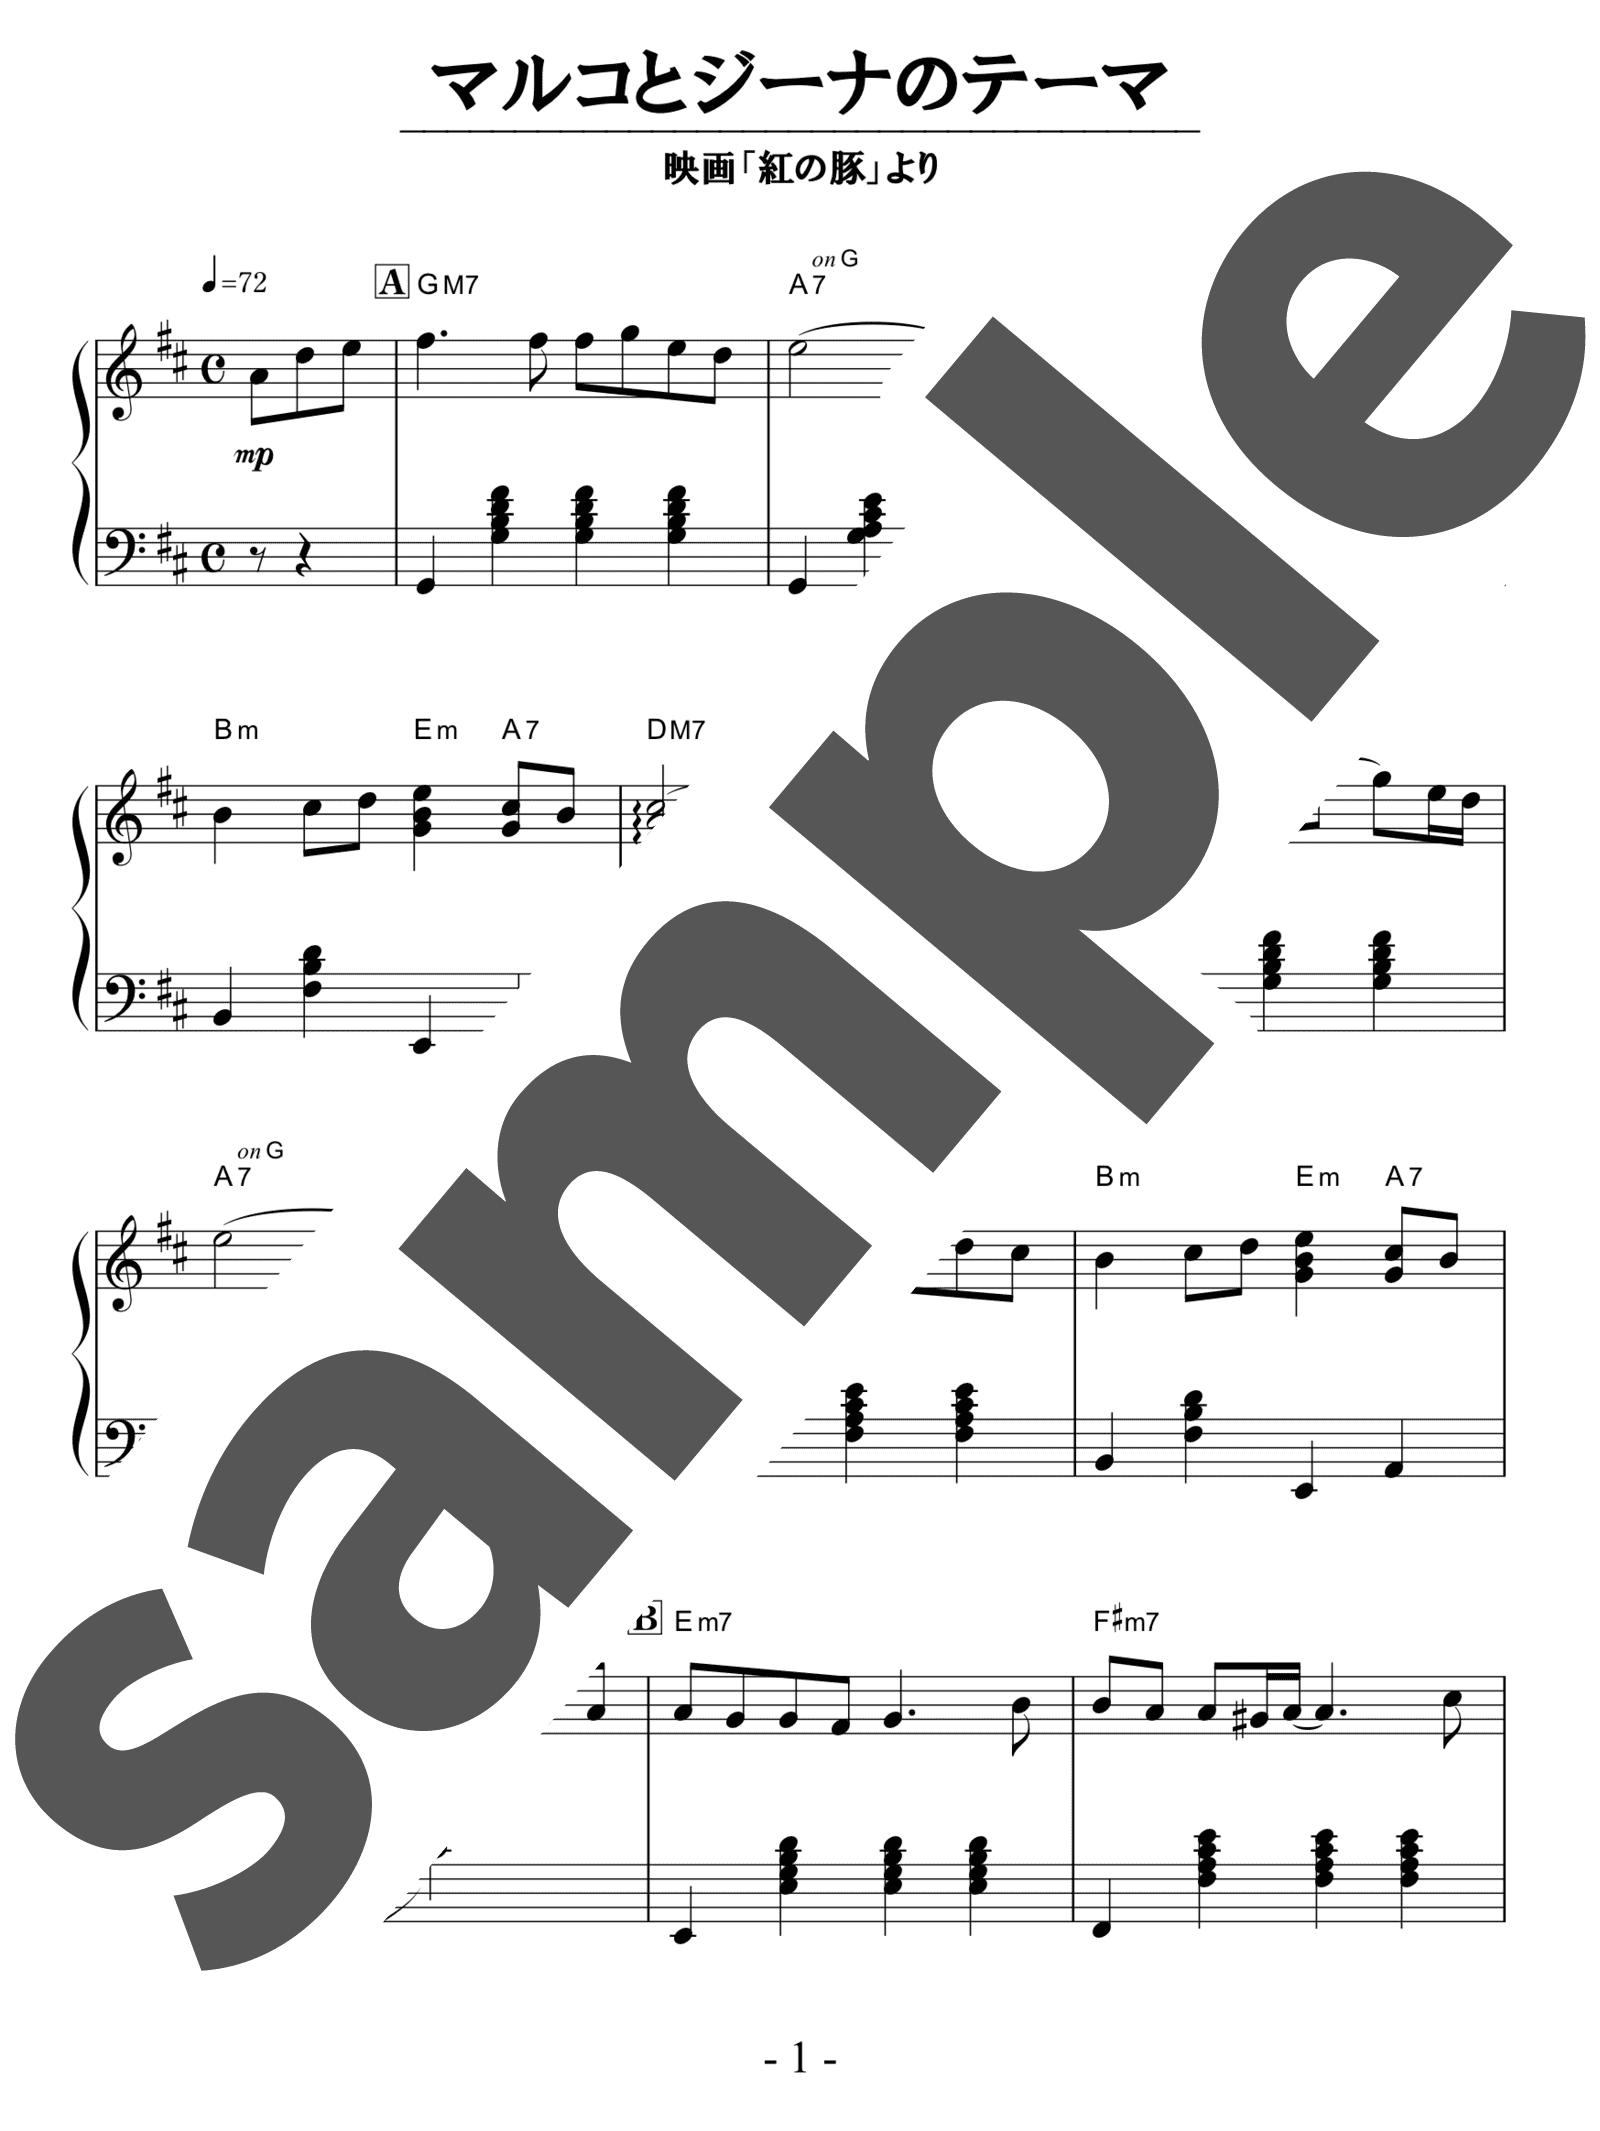 「マルコとジーナのテーマ」のサンプル楽譜